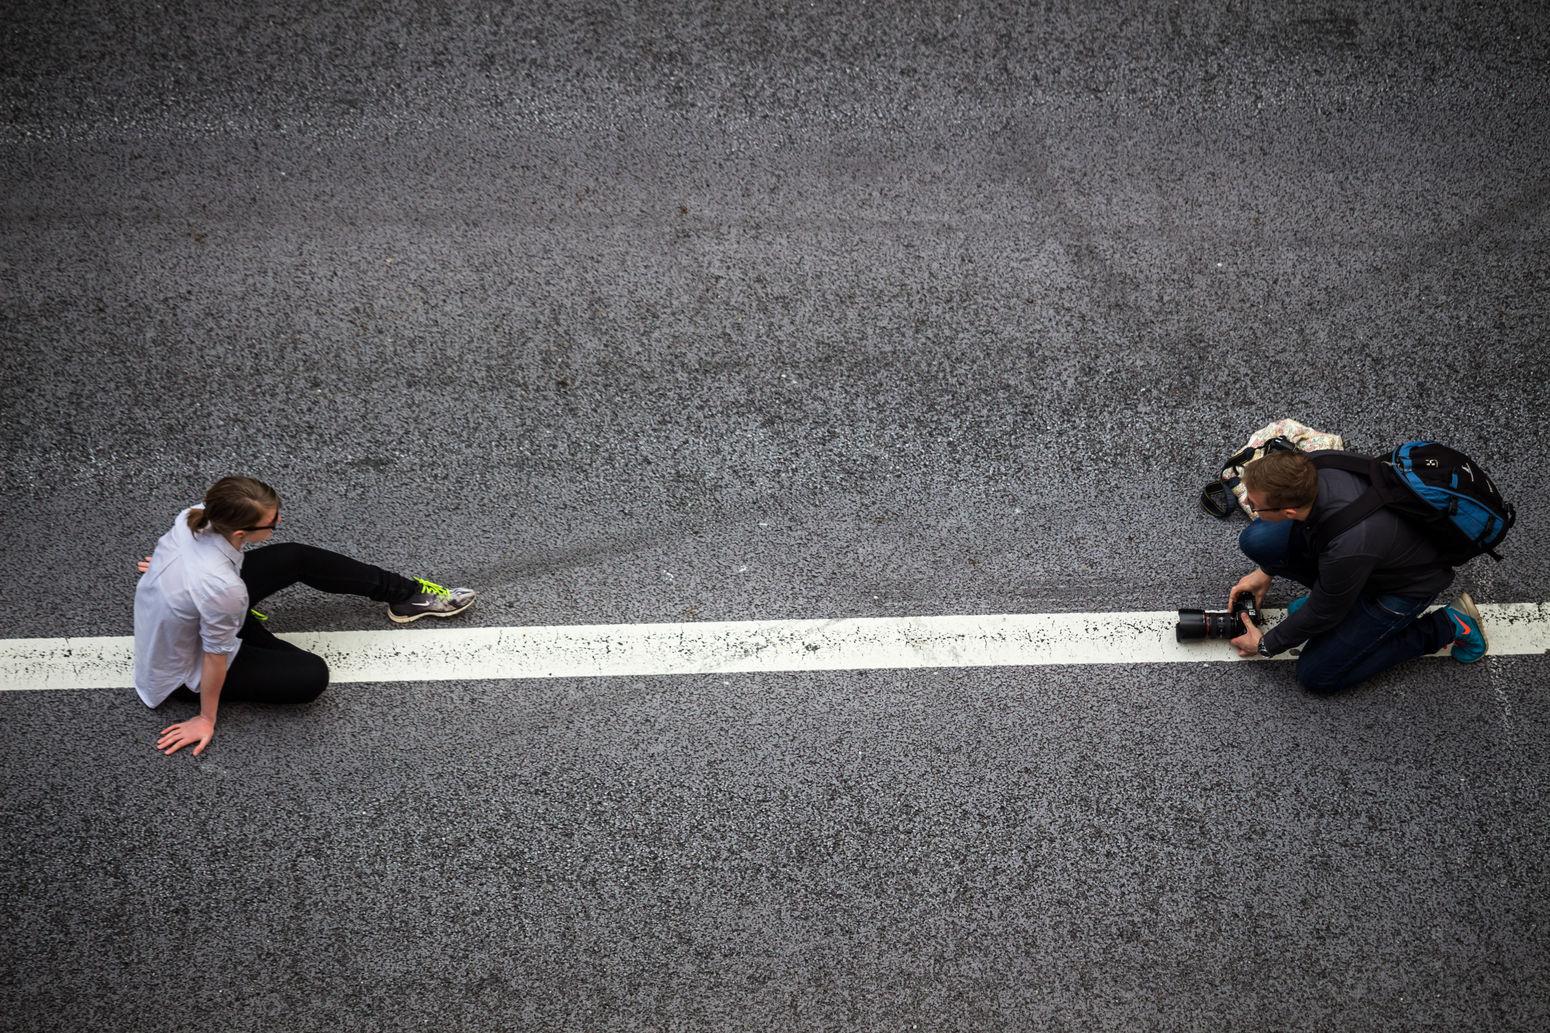 Akihabara Shoottheshooter Streetphotography People